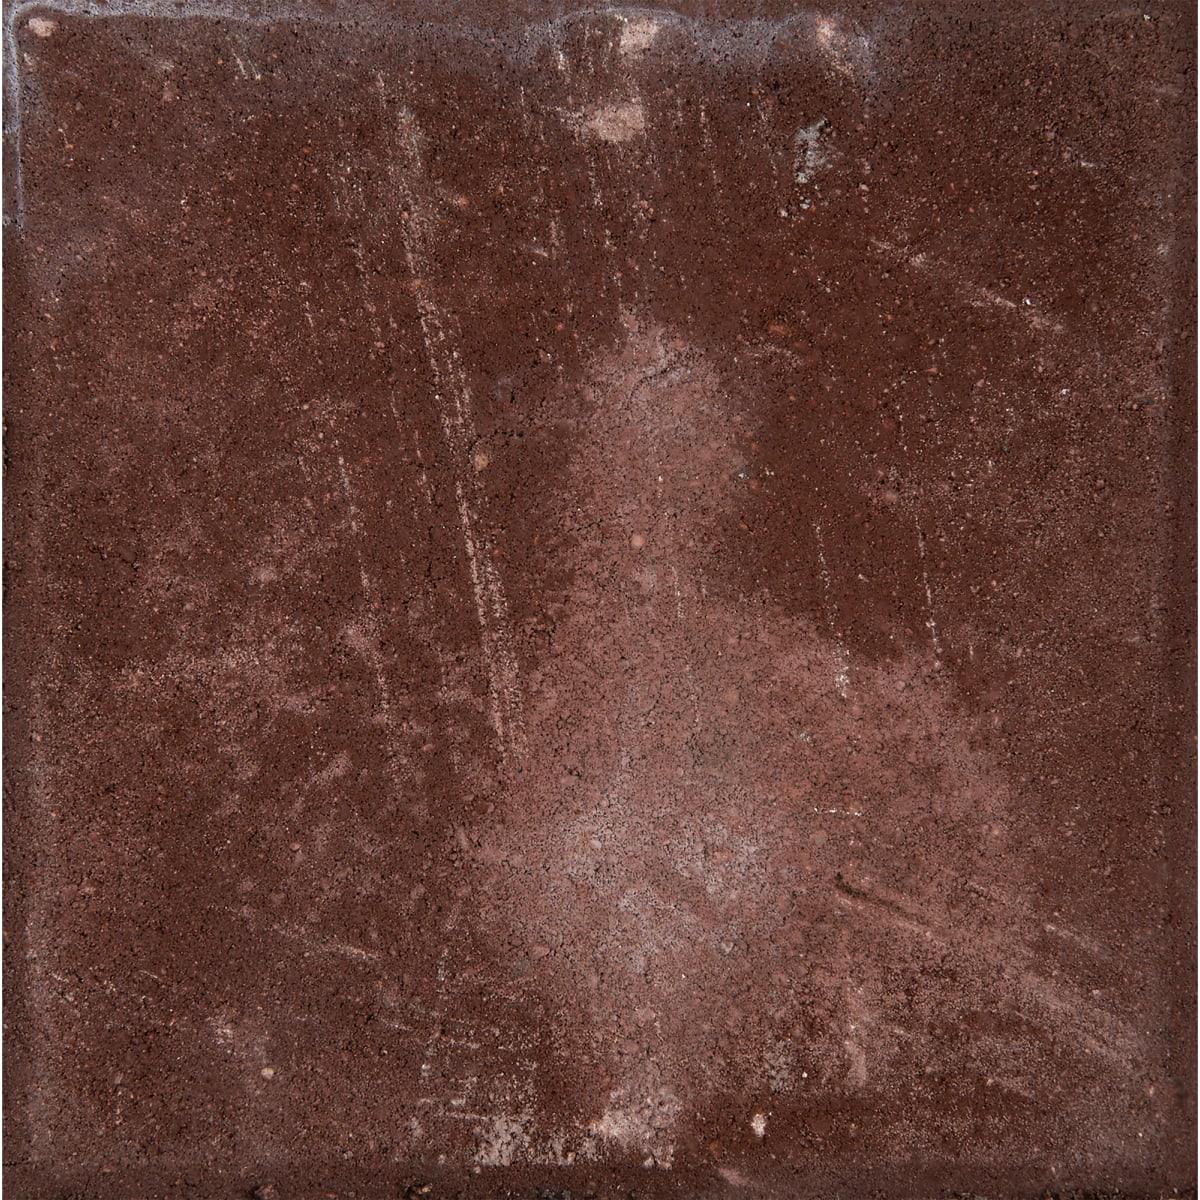 Плитка тротуарная вибропрессованная, 300x300x60 мм, цвет горчица